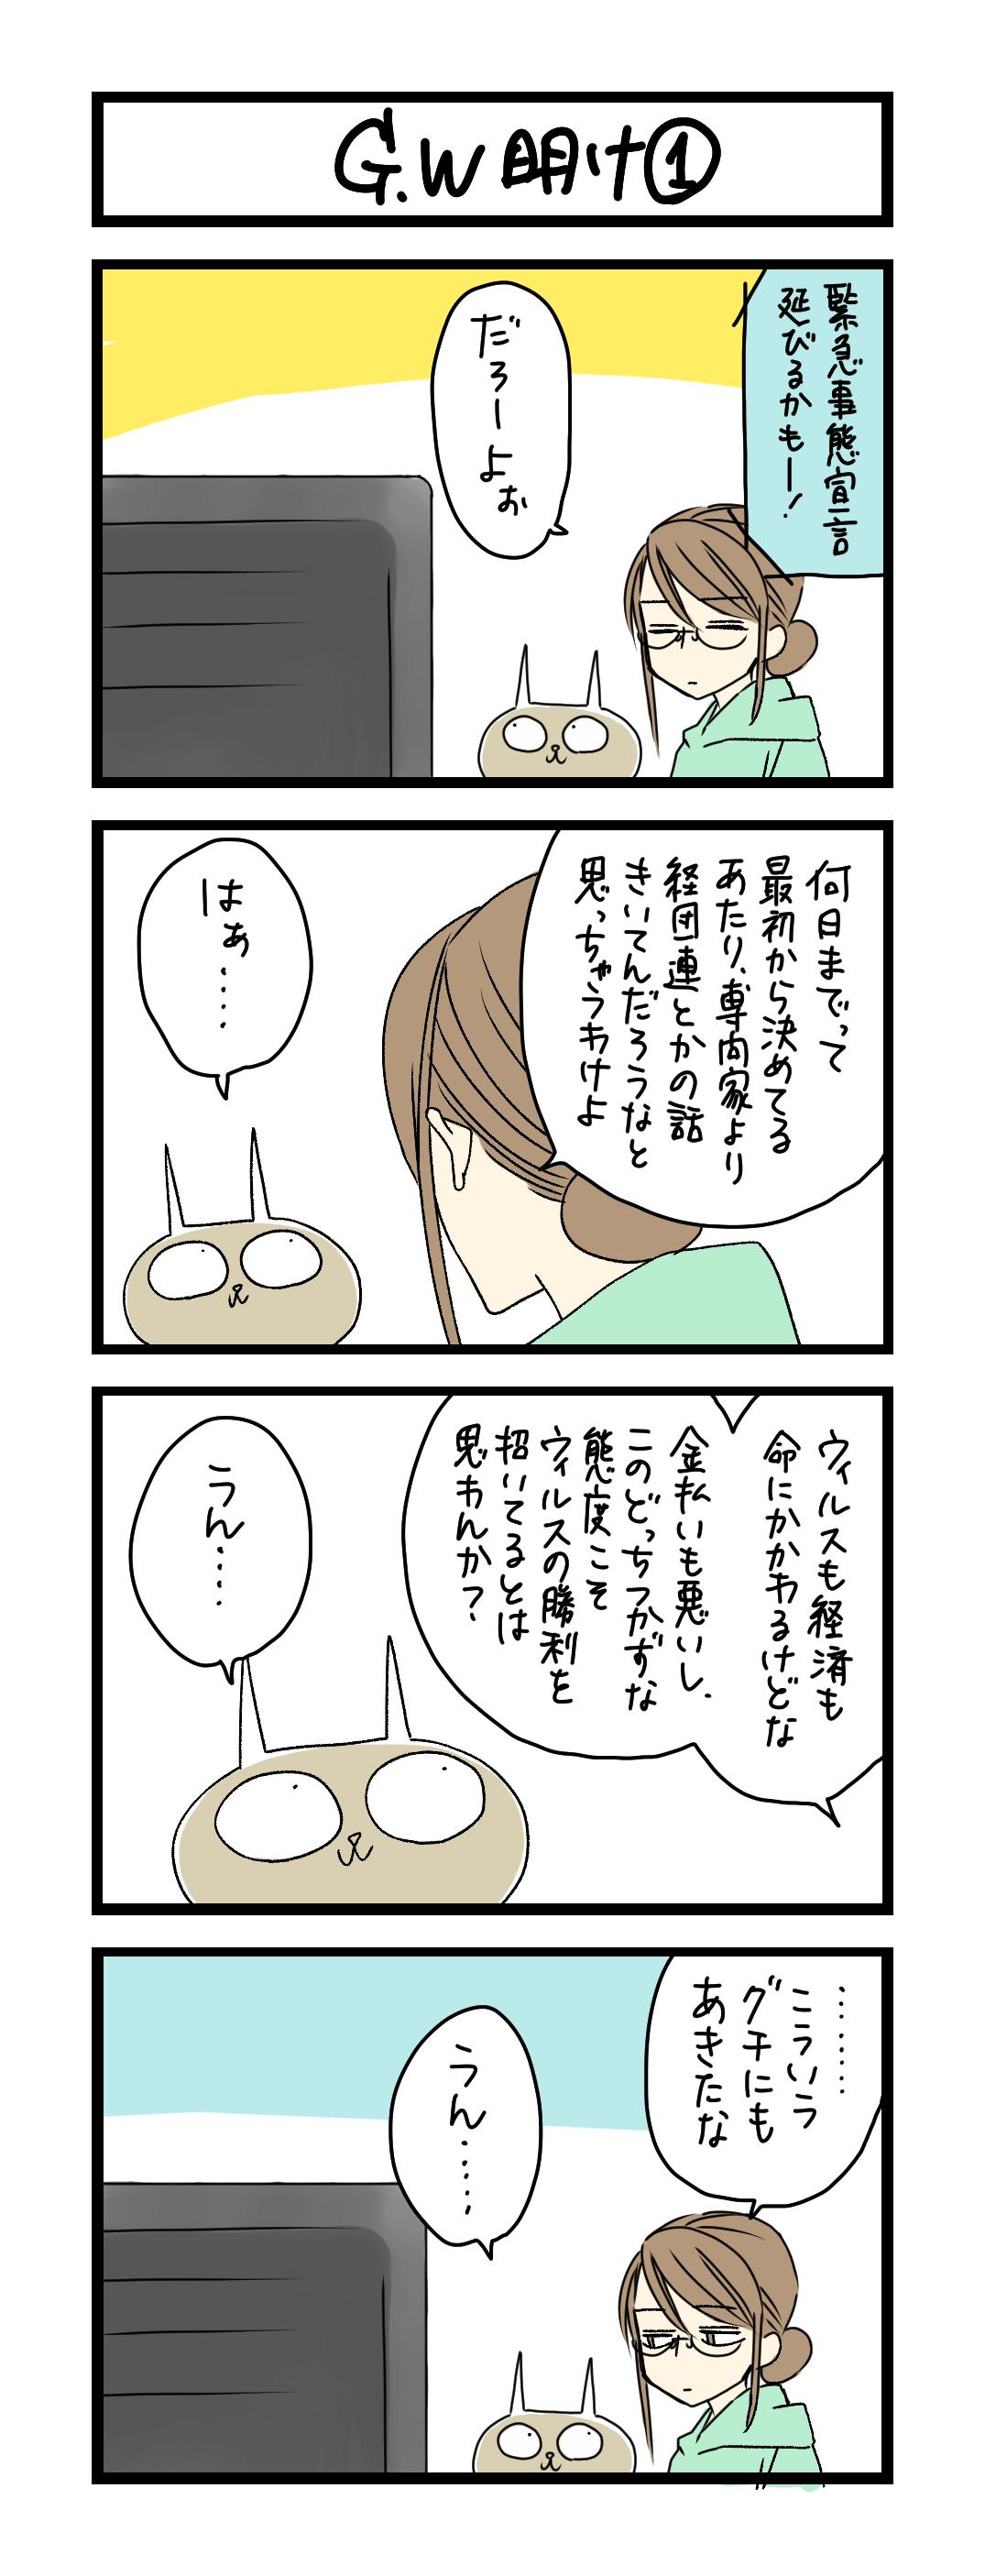 ゴールデンウィーク明け (1)